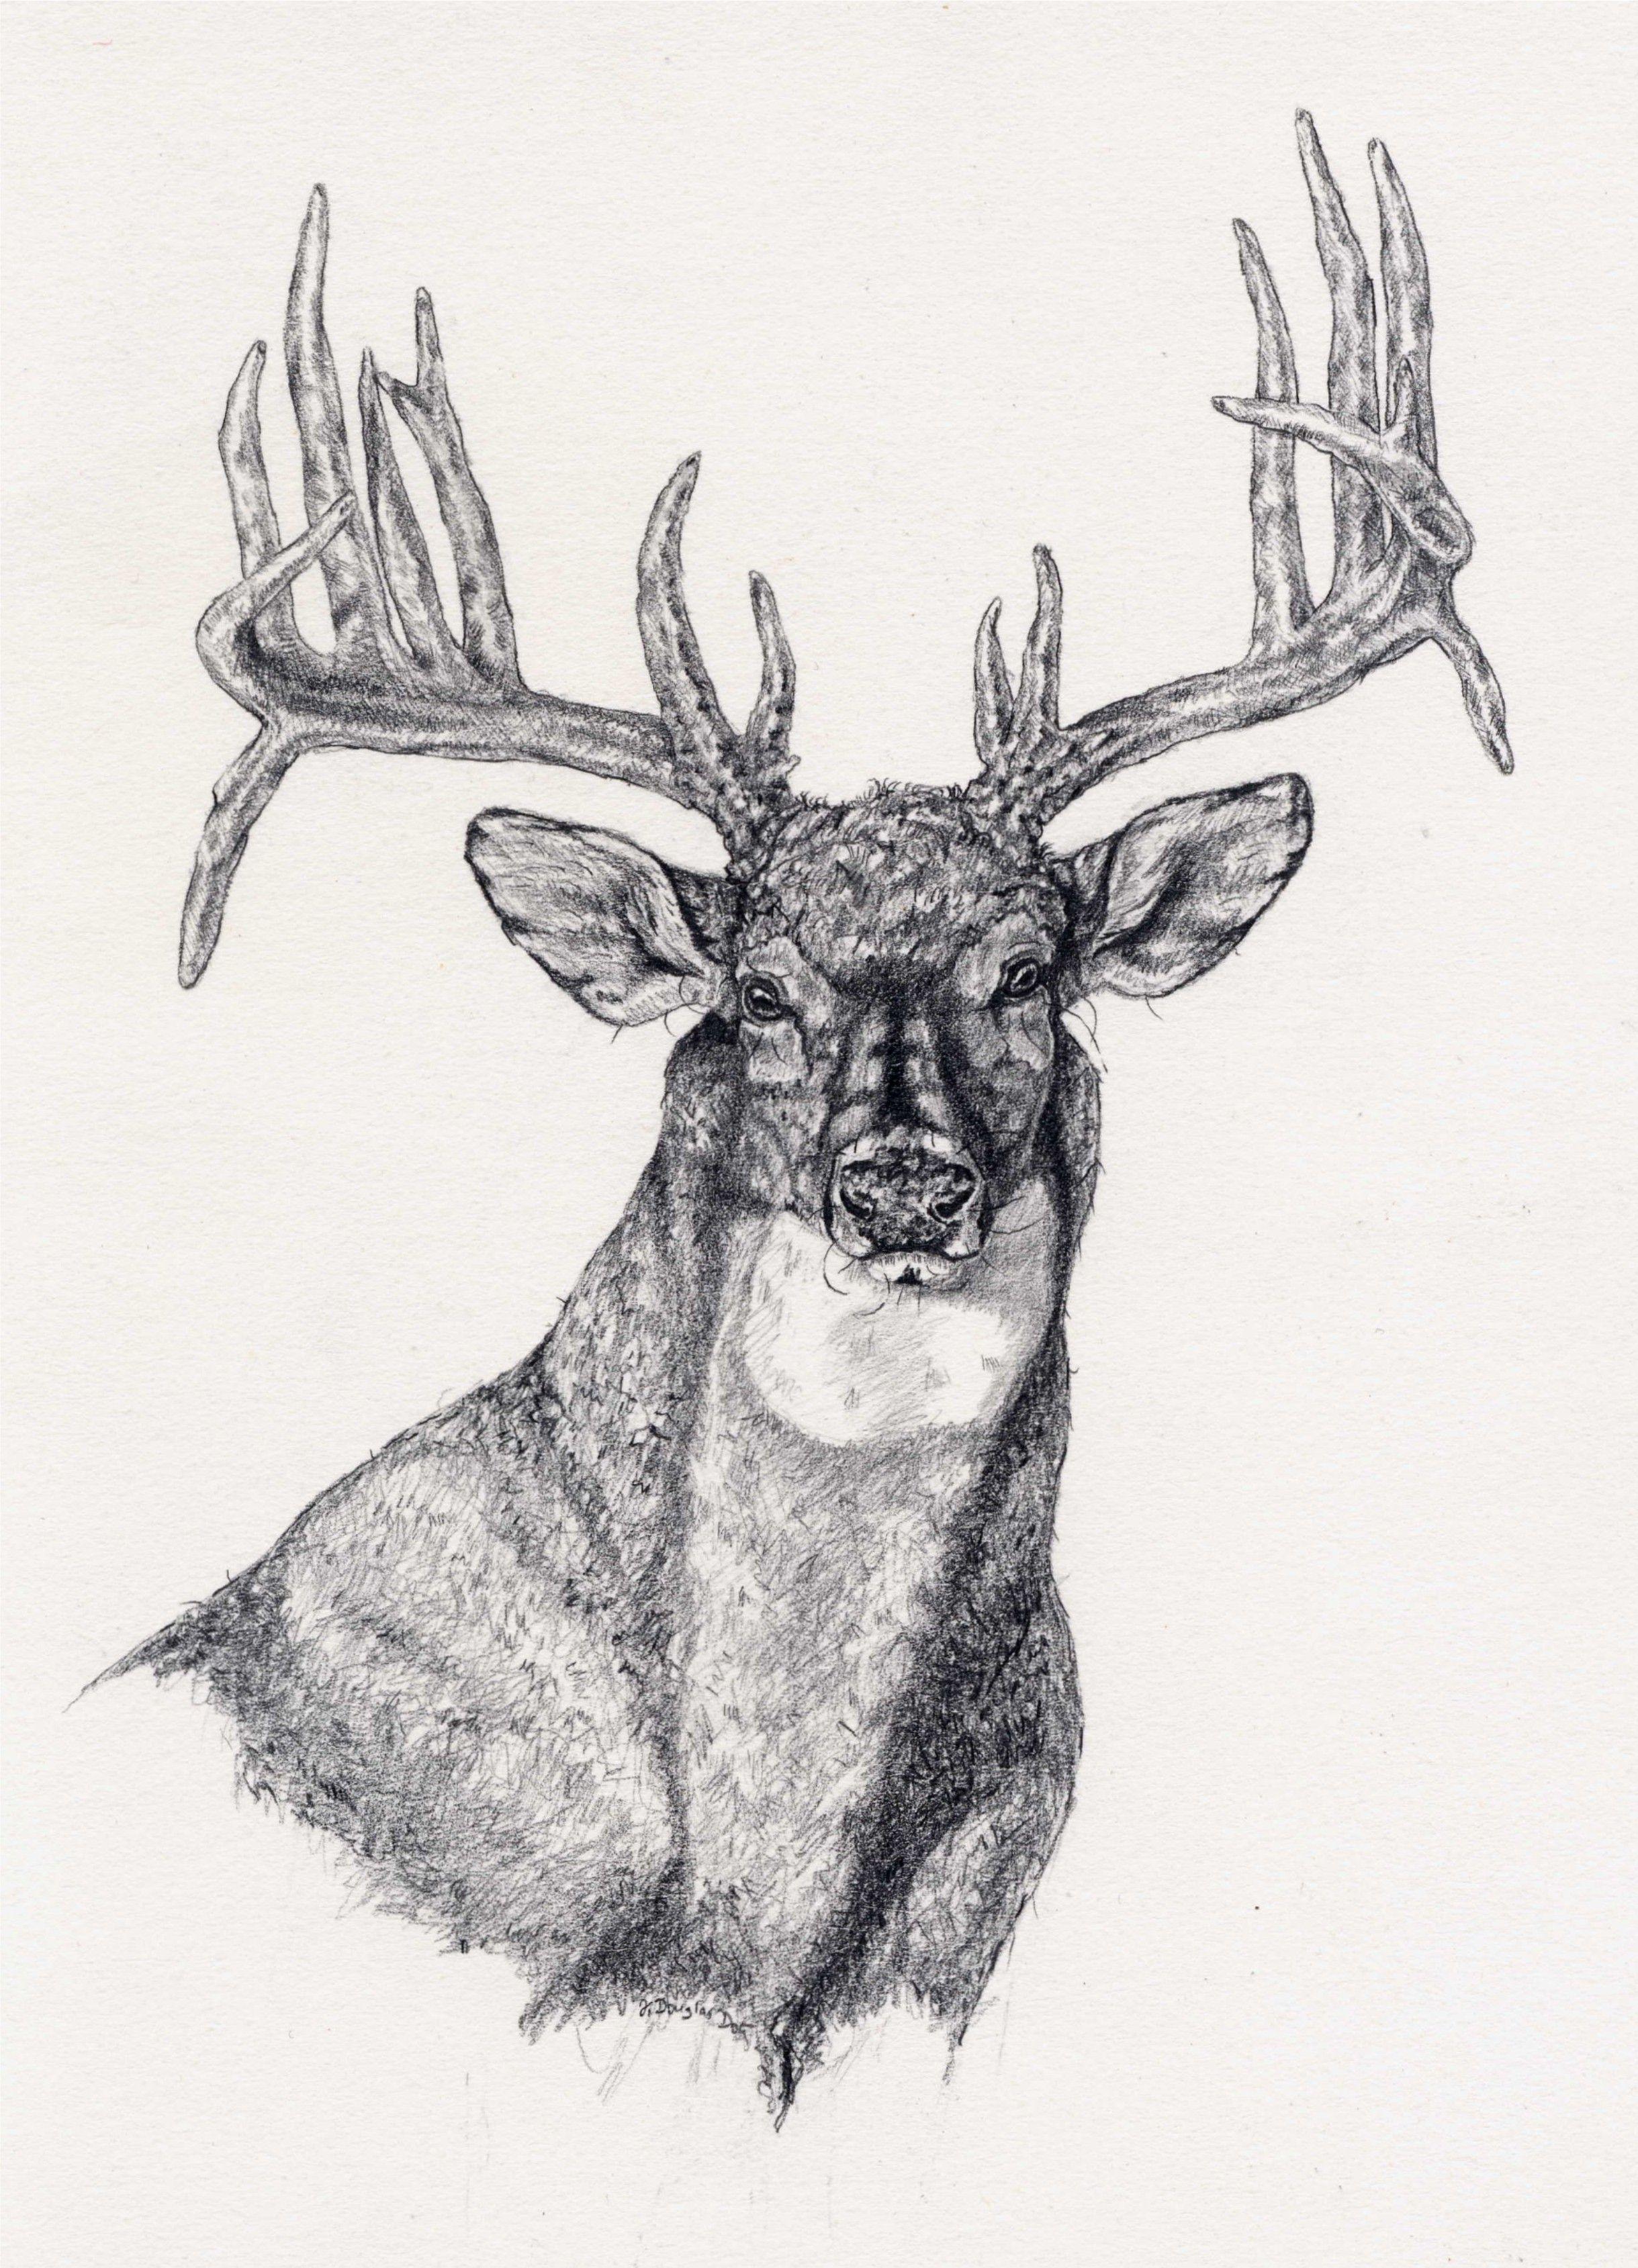 White Tail Deer Sckull Drawn: Deer Drawing, Deer Sketch